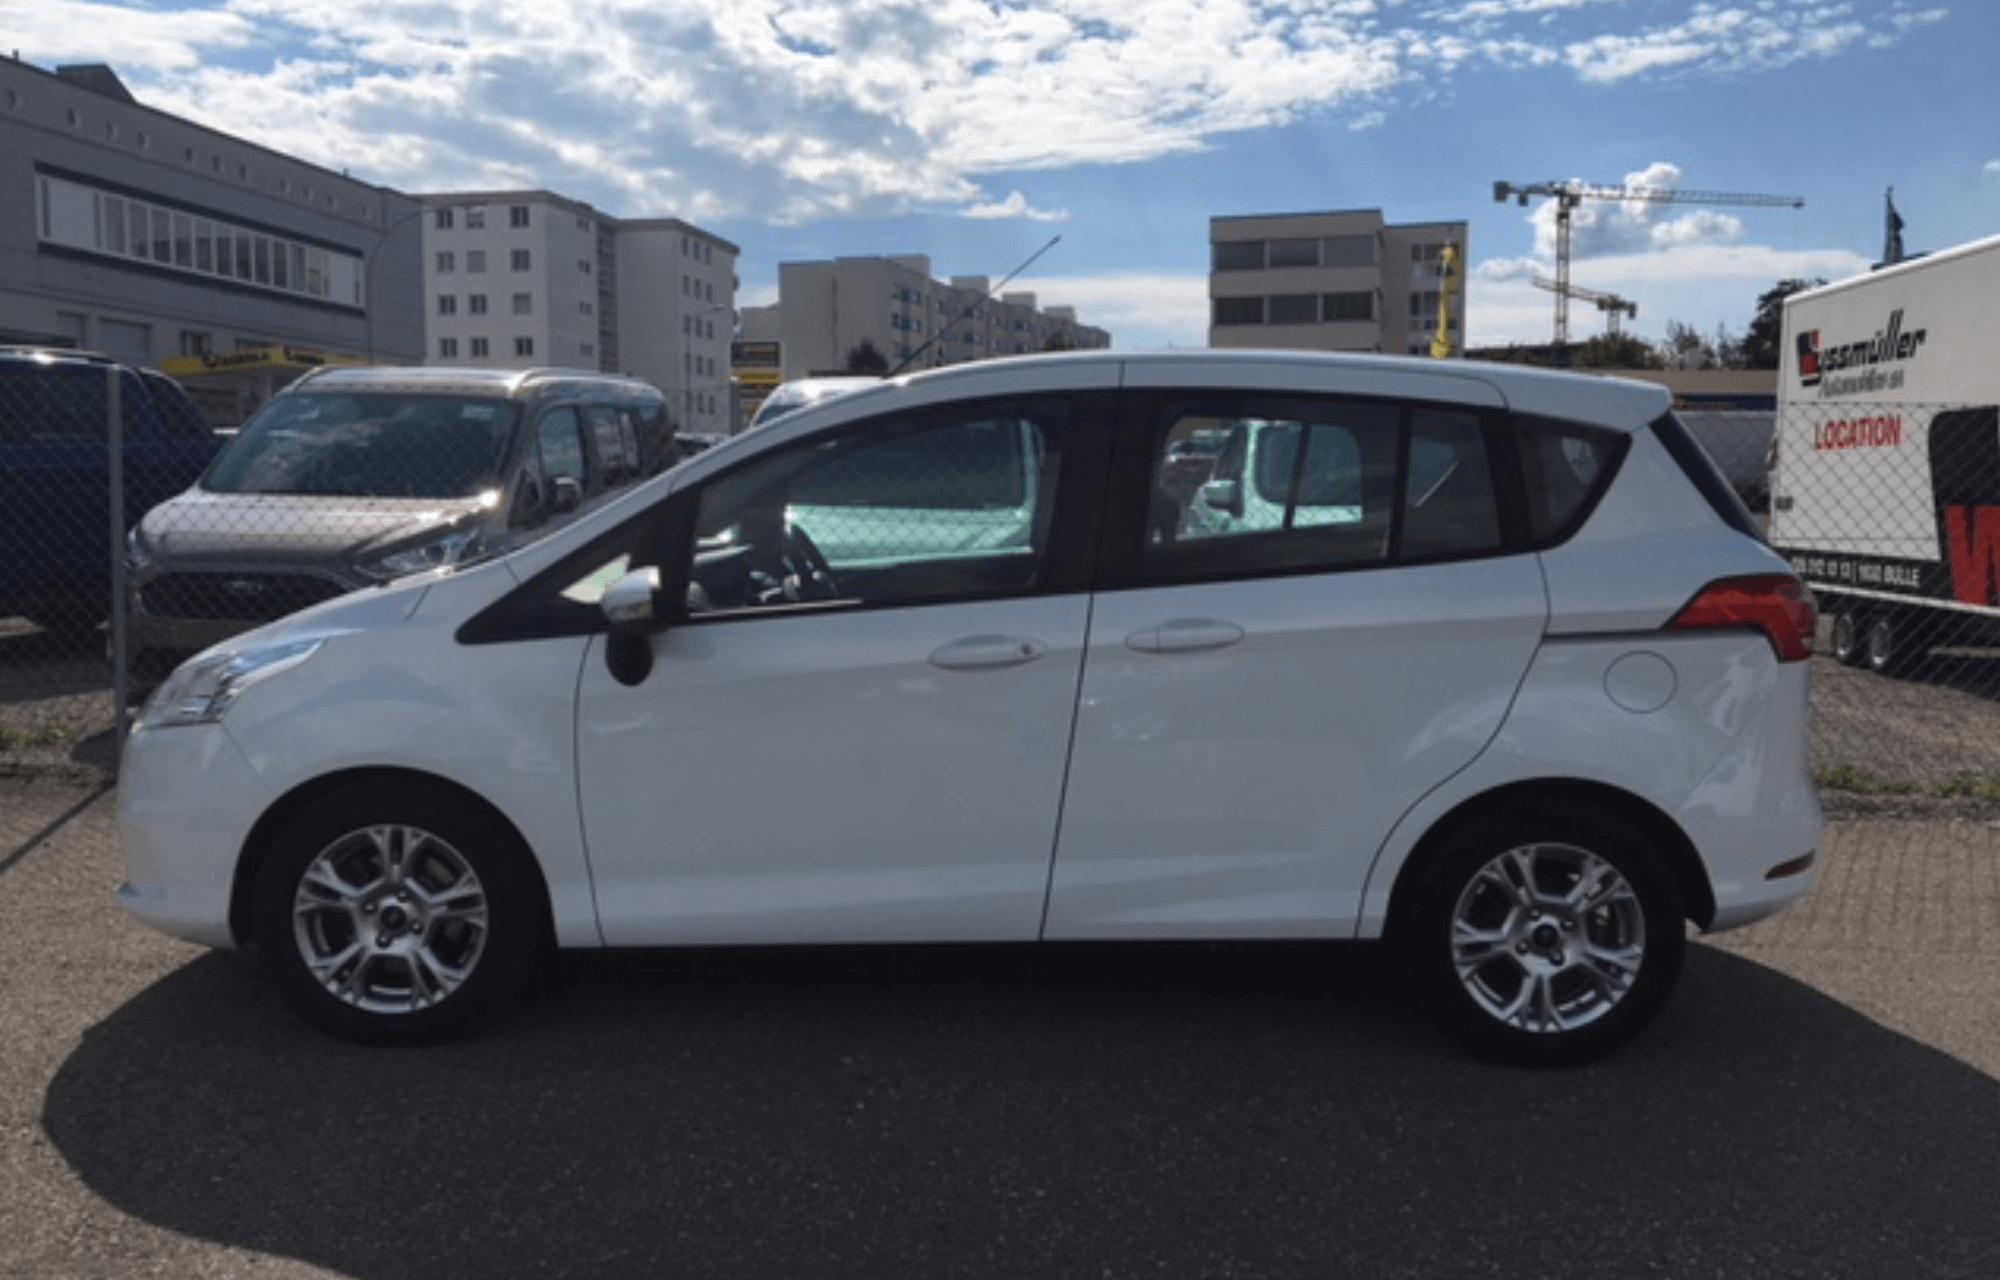 Ford B-Max manuelle 1.0SCTi - 5 portes / 5 places